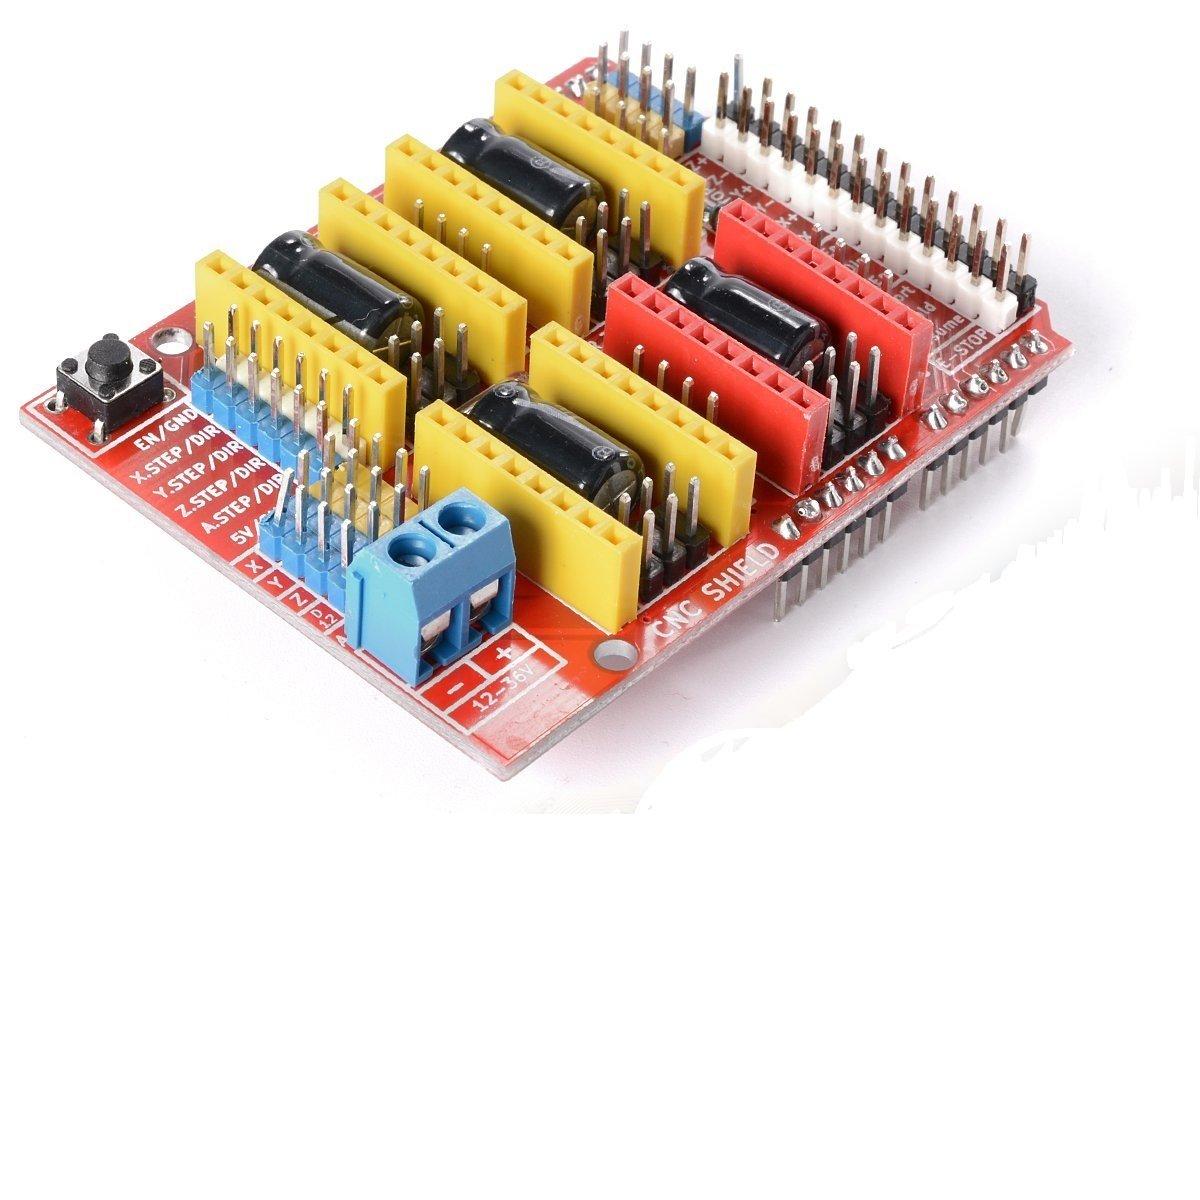 WINGONEER CNC Arduino Escudo A4988 V3 Engraver Expansion Placa Shield Impresora 3D